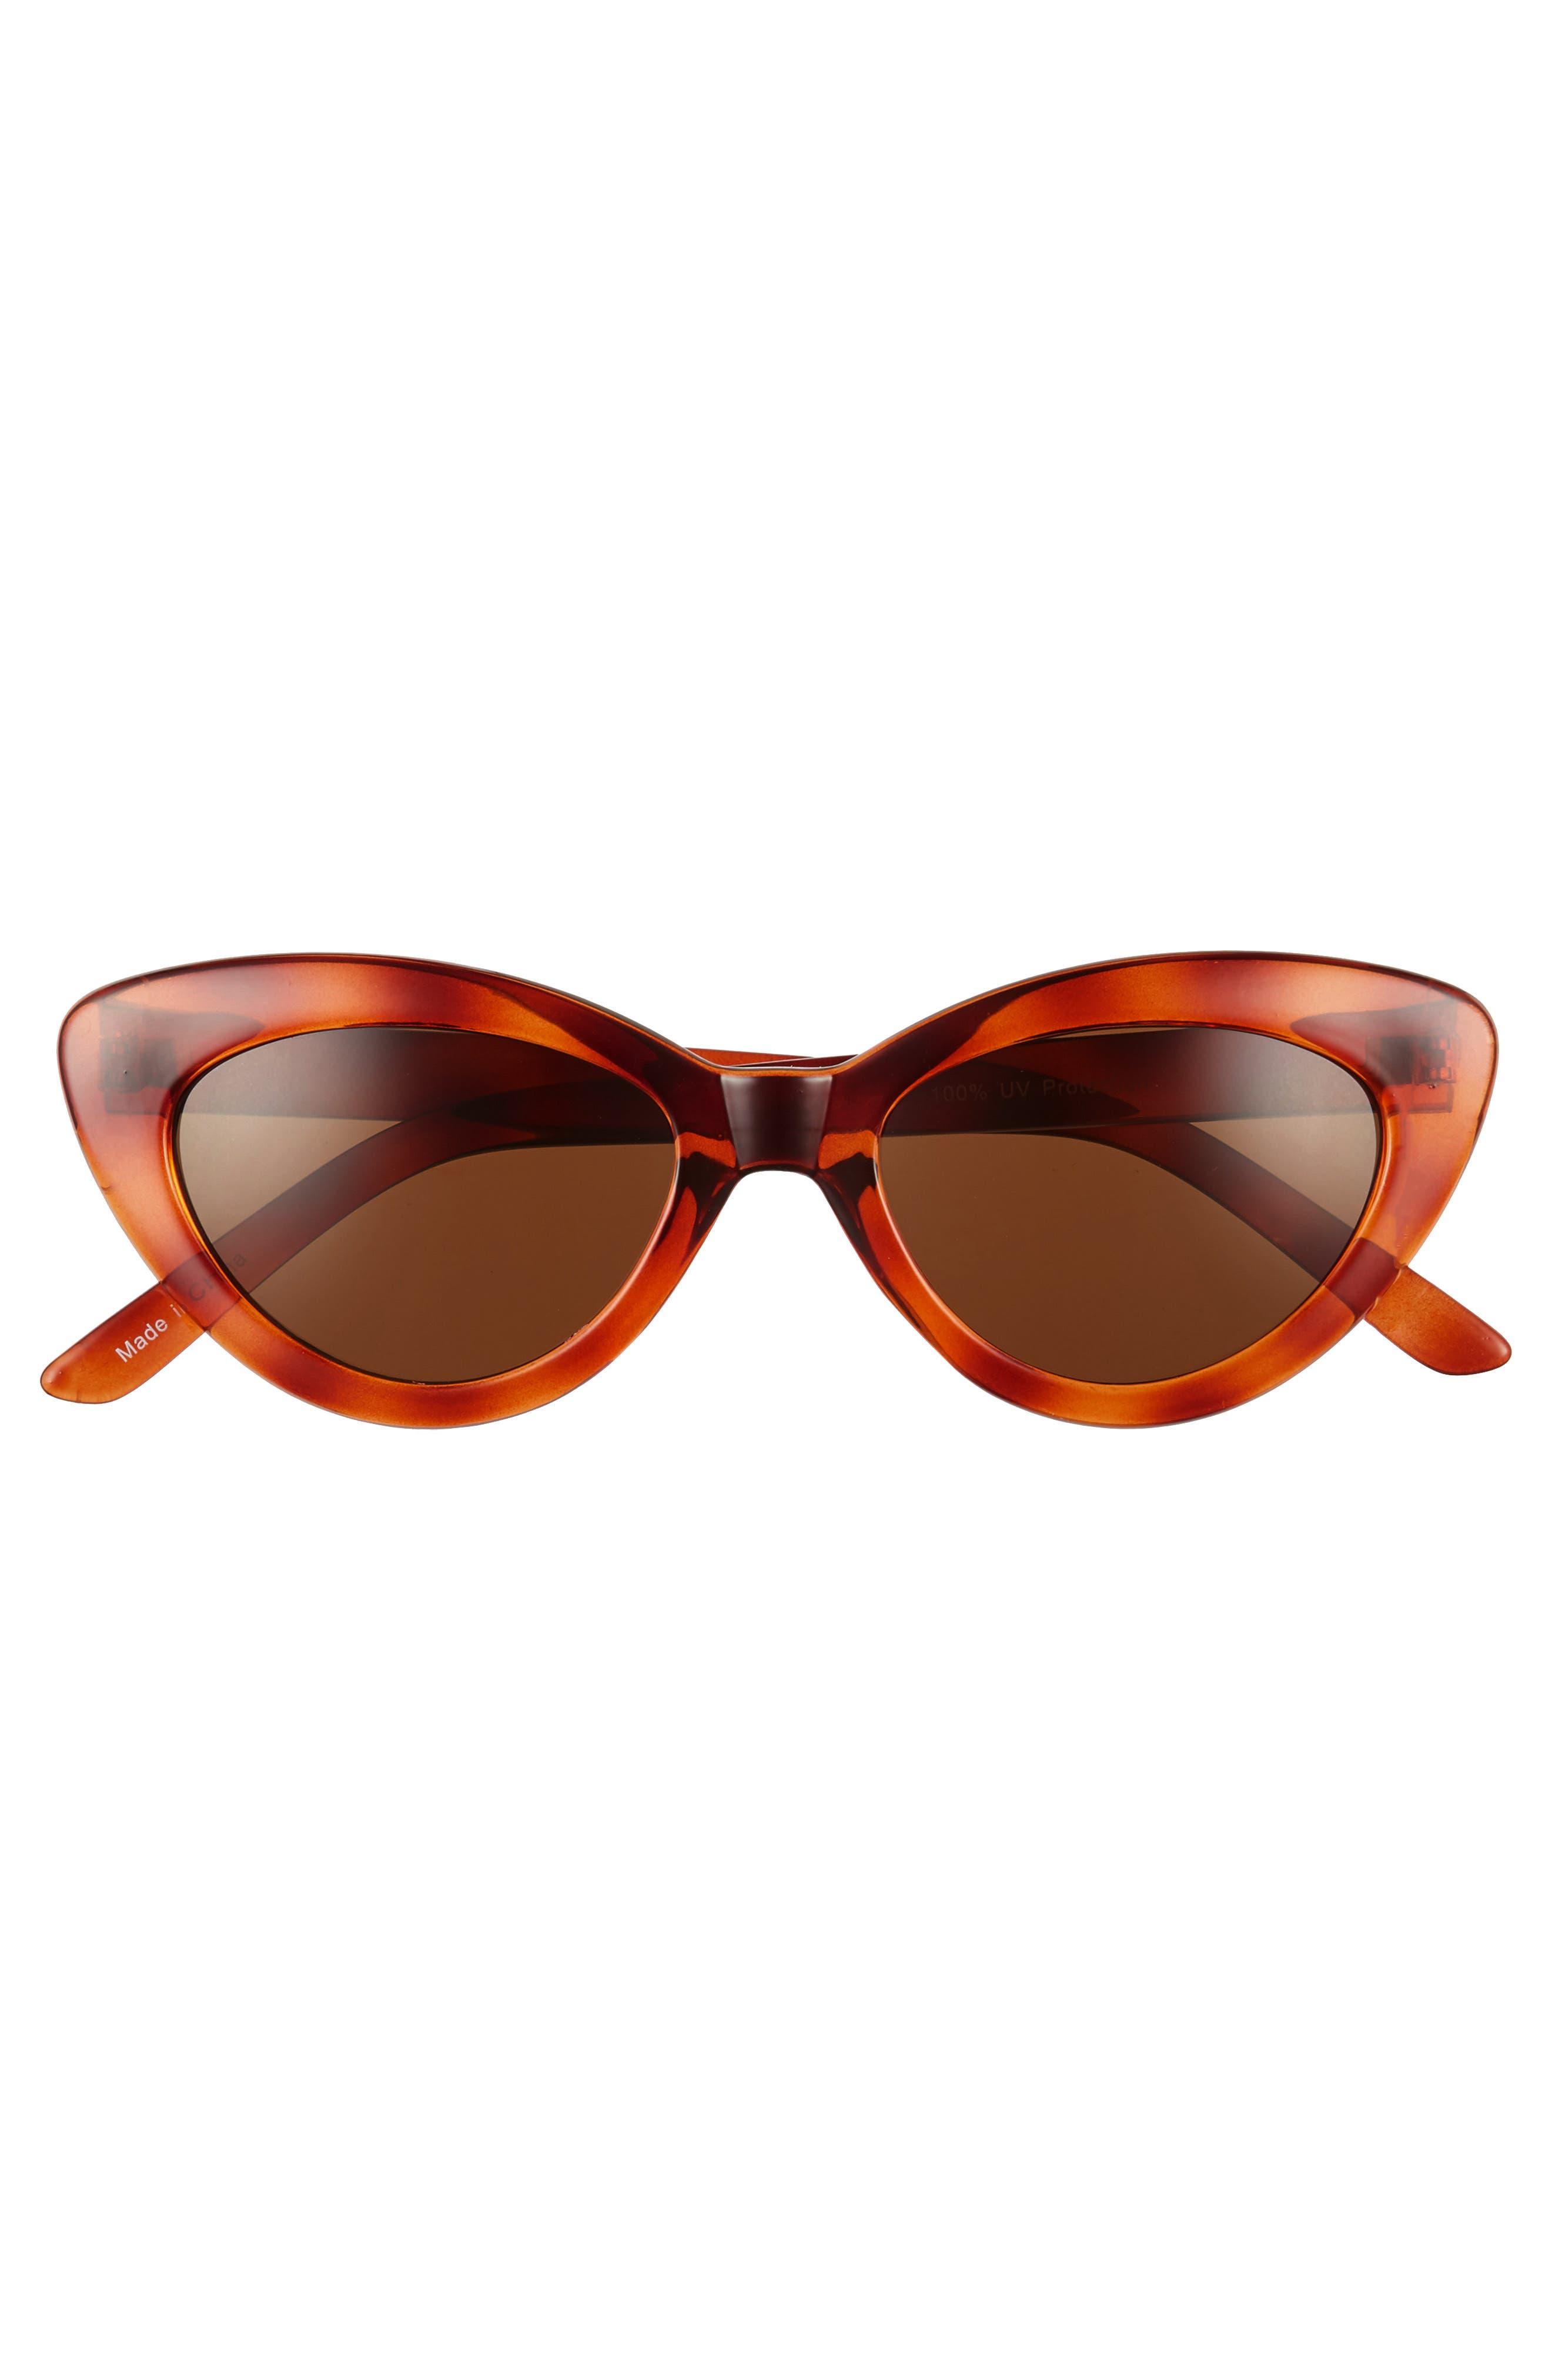 51mm Cat Eye Sunglasses,                             Alternate thumbnail 3, color,                             Tort